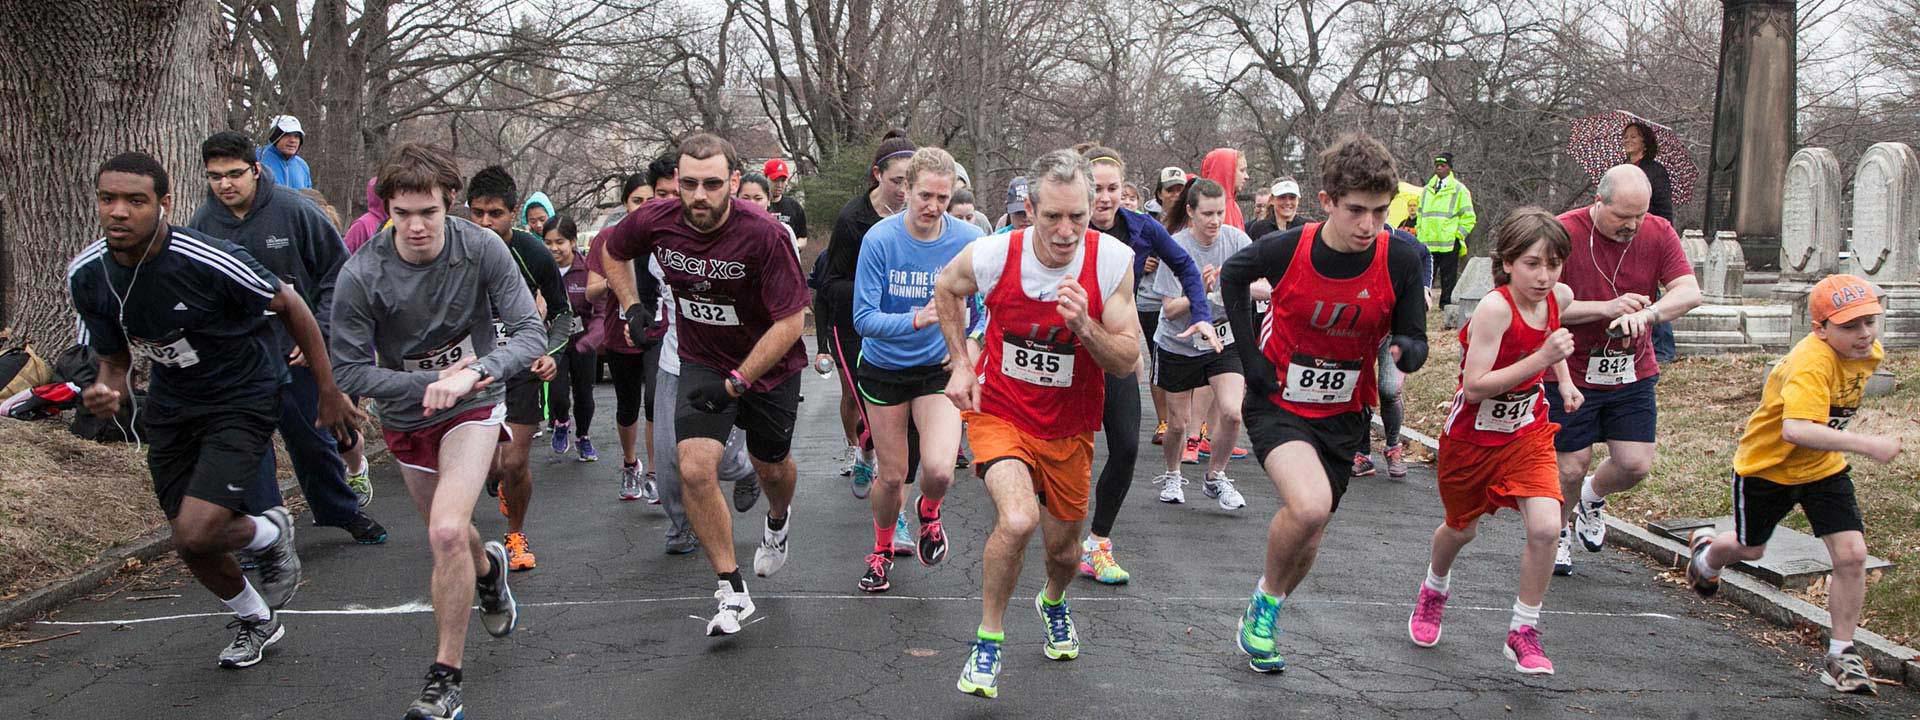 5k-race-for-humanity.jpg